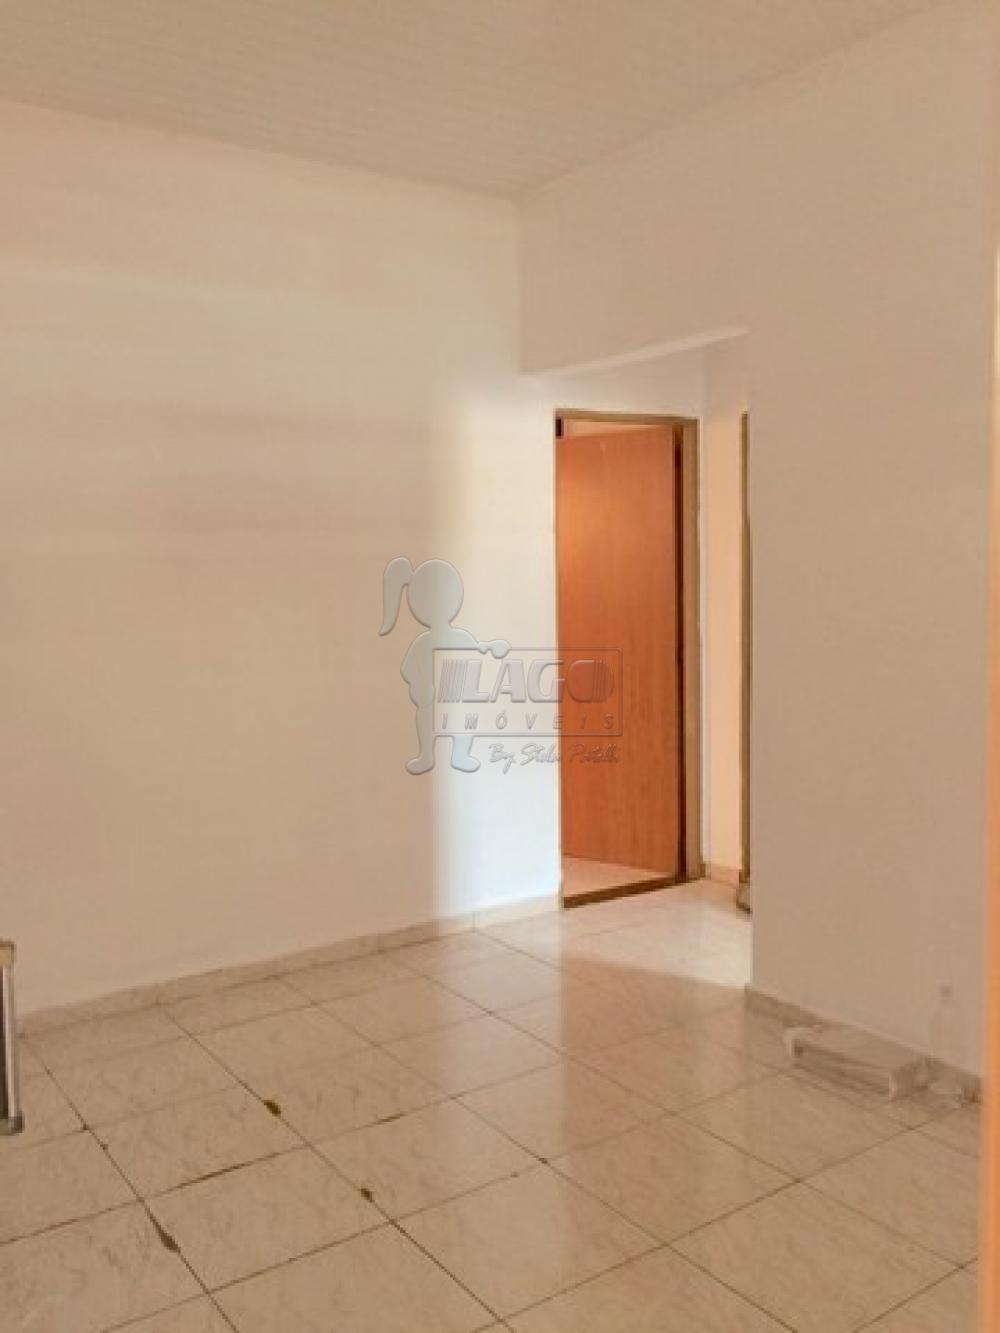 Comprar Casas / Padrão em Ribeirão Preto R$ 180.000,00 - Foto 4